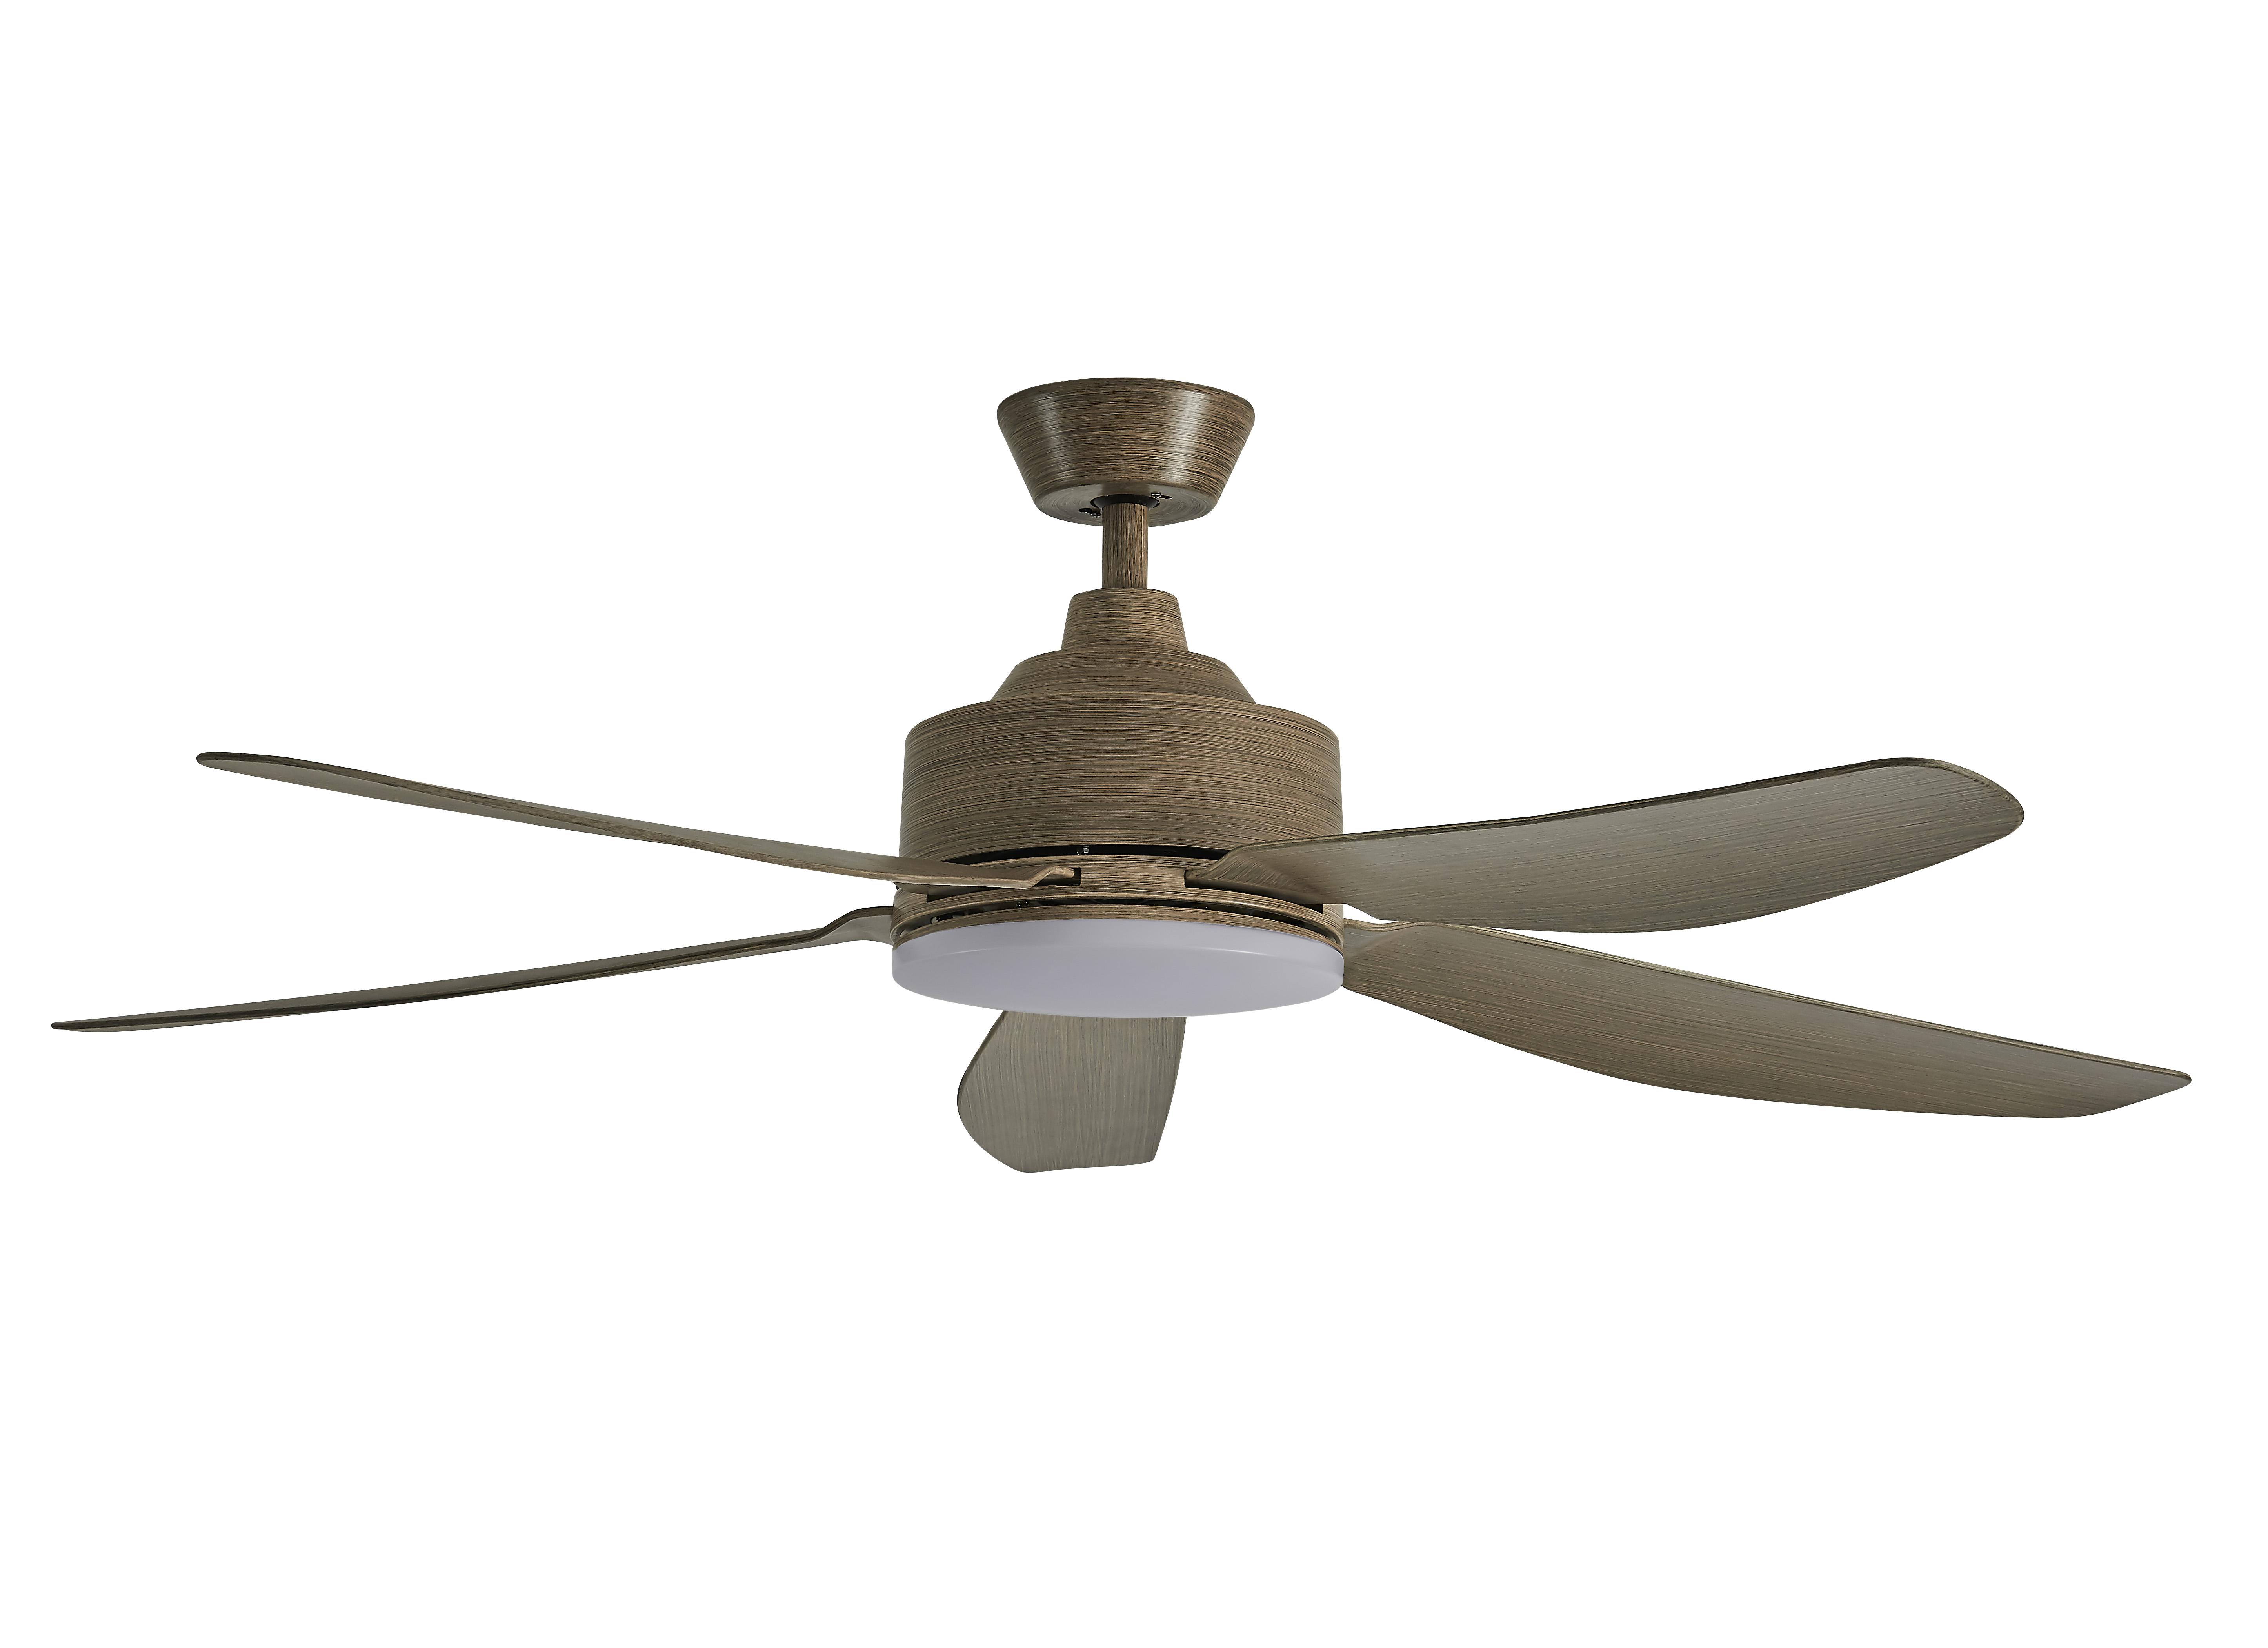 crestar-airis-dc-ceiling-fan-5-blade-56-inch-light-wood-led-sembawang-lighting-house.jpg